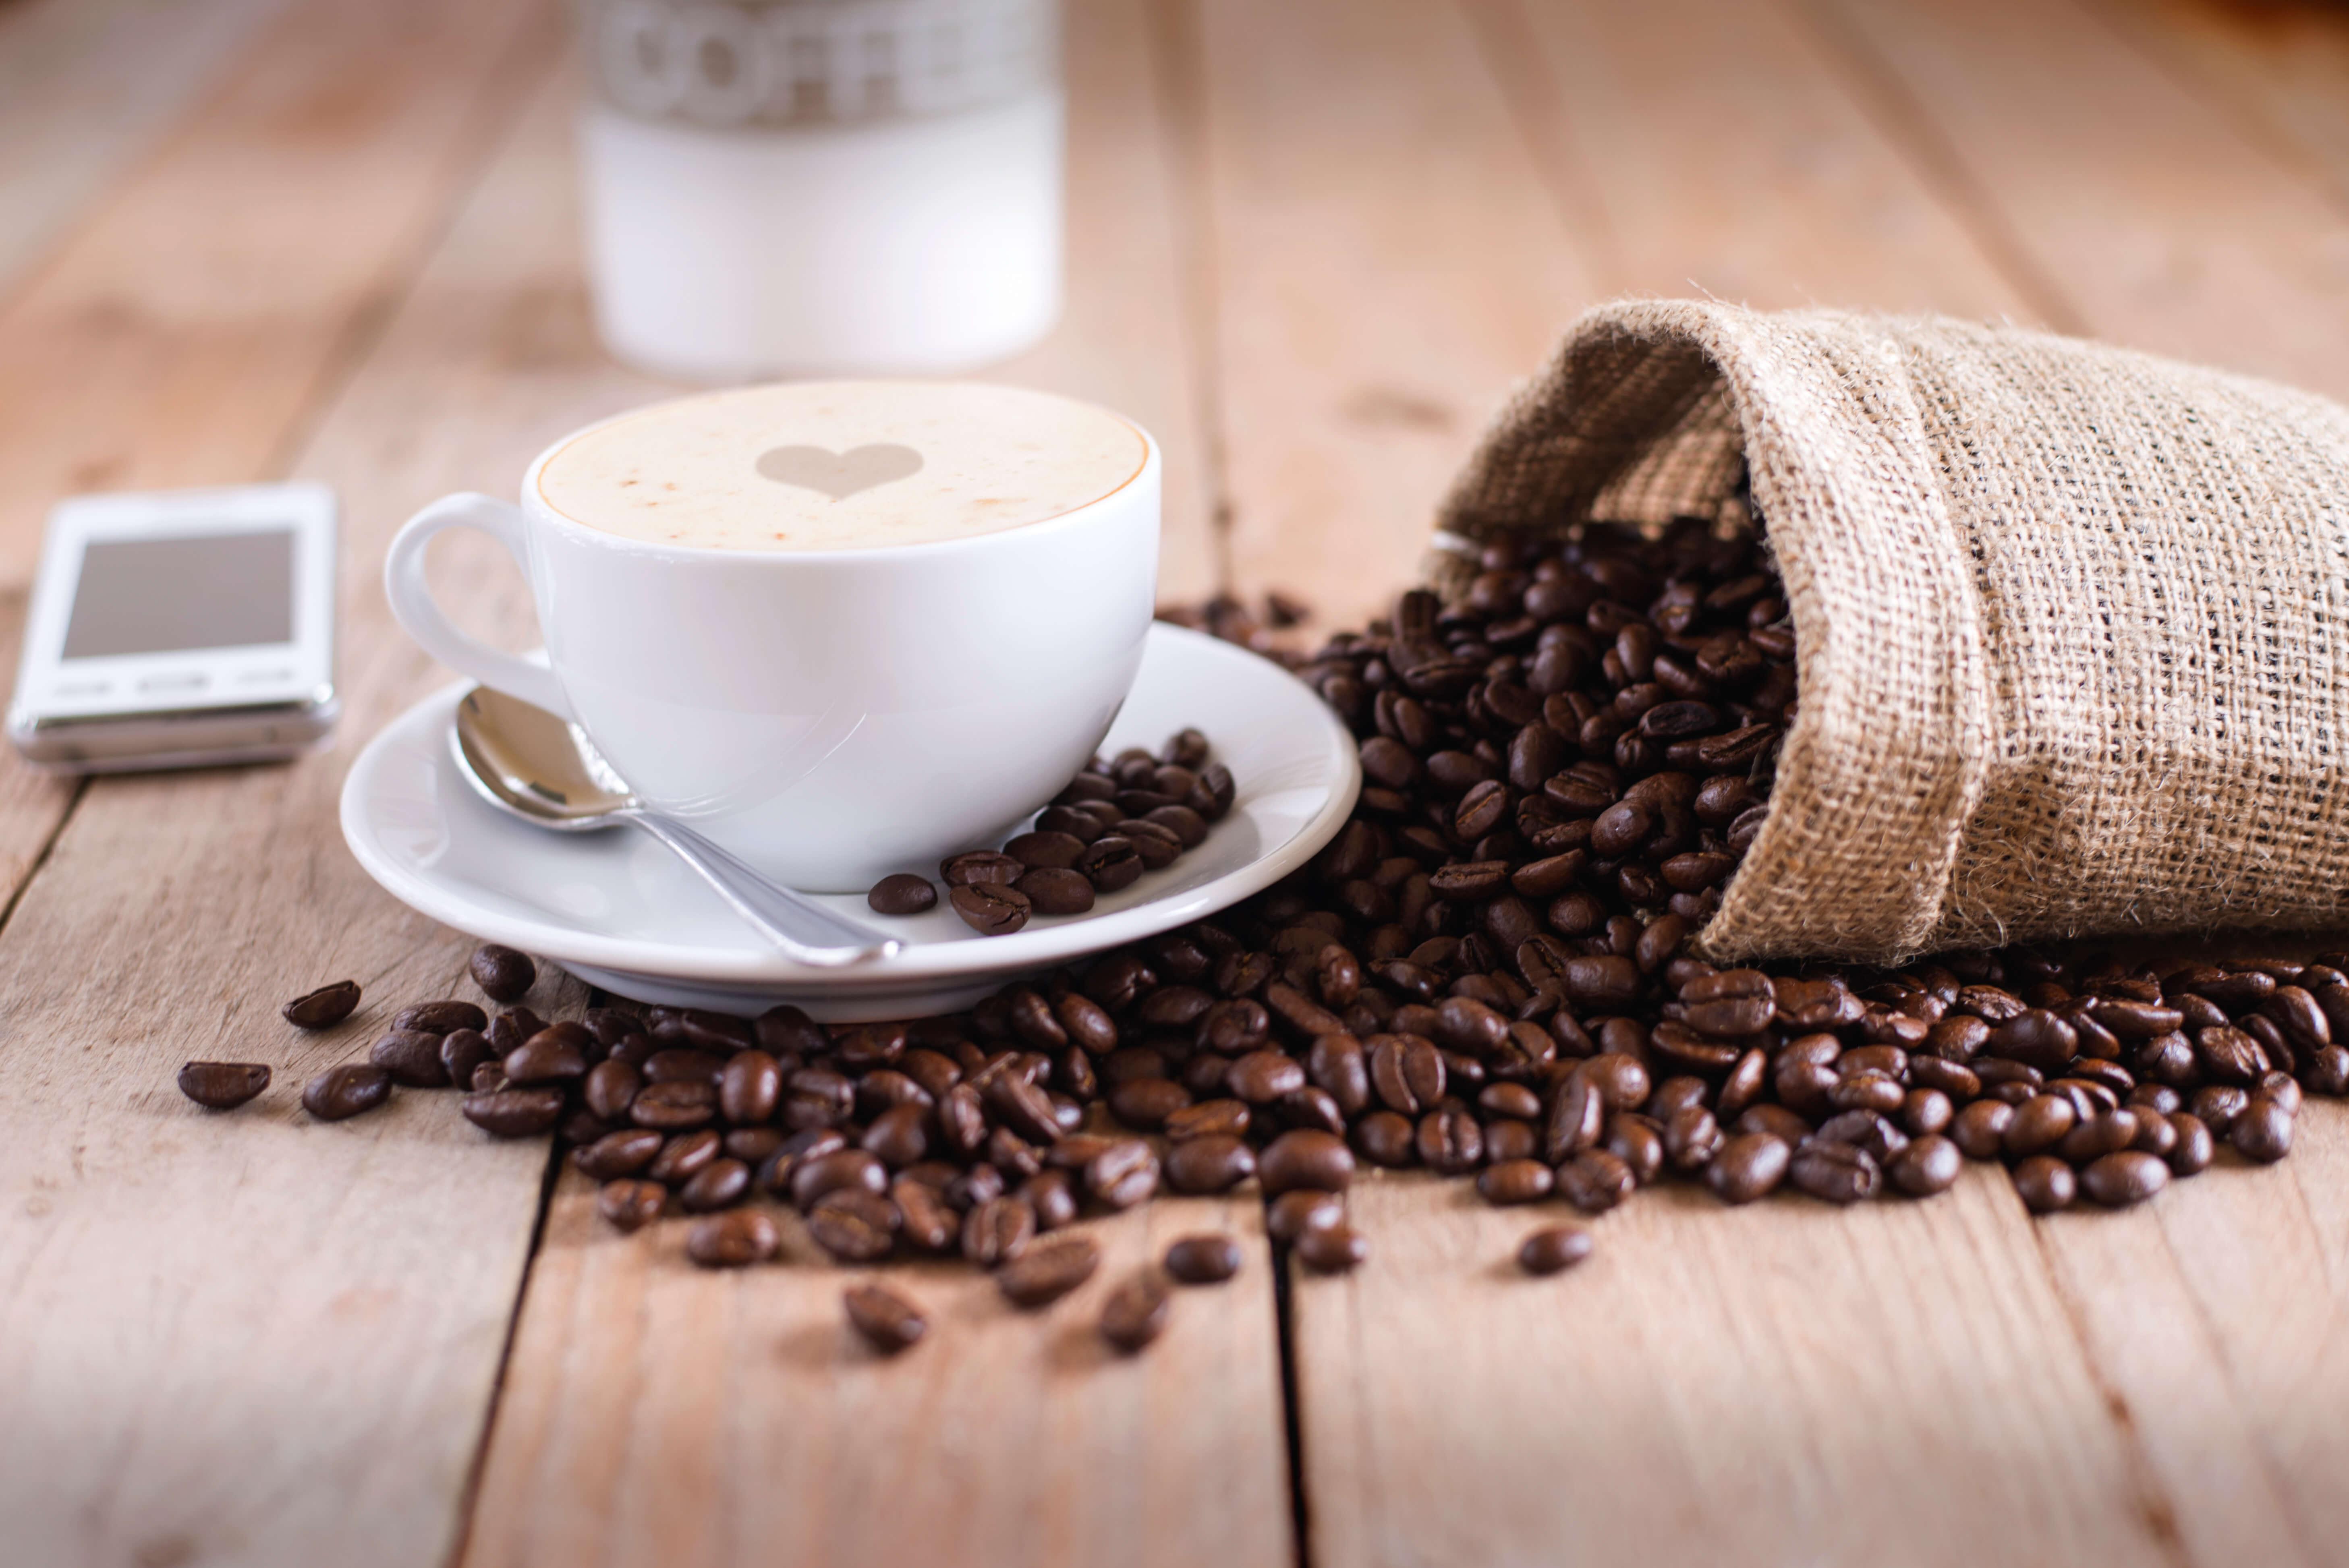 Zullen we een keer samen koffie doen?